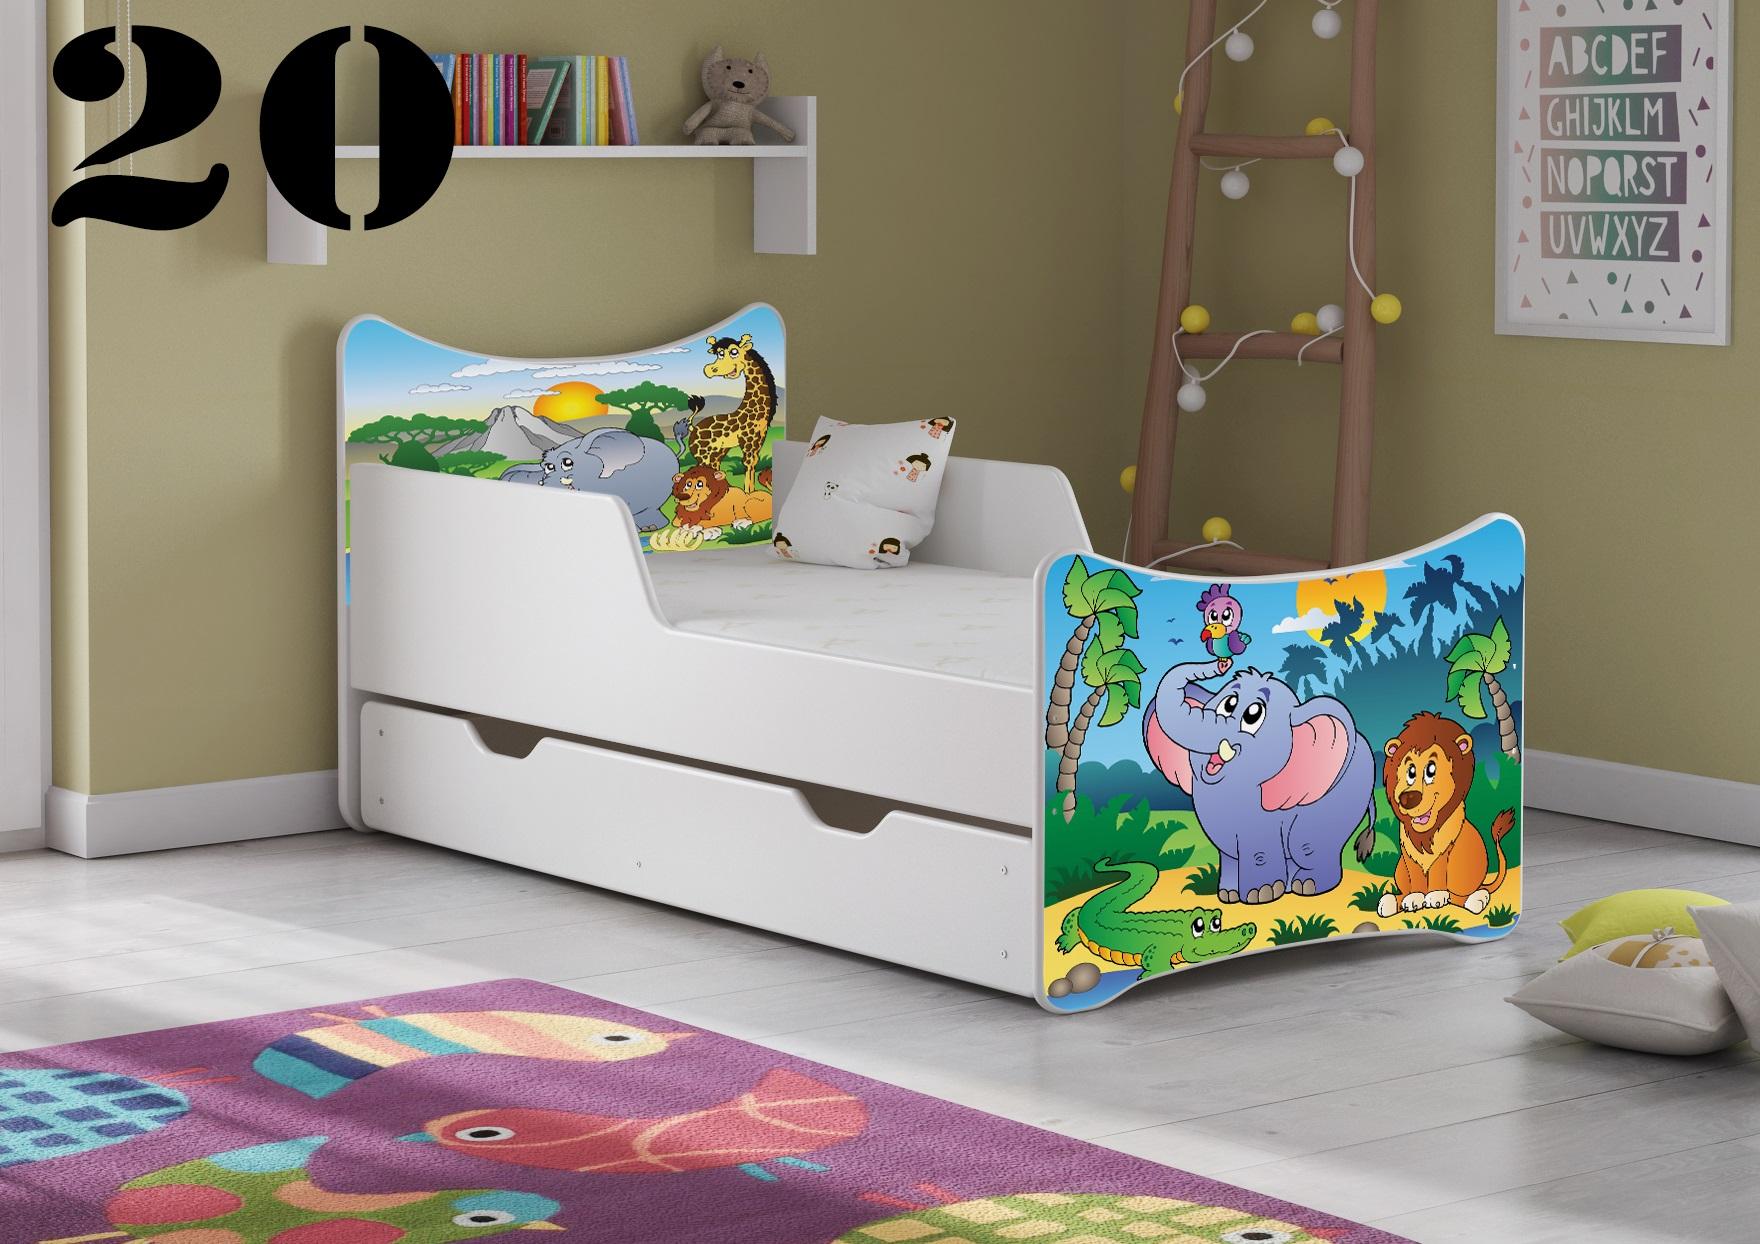 Detská posteľ SMB - zvieratá Prevedenie: Obrázok č.20